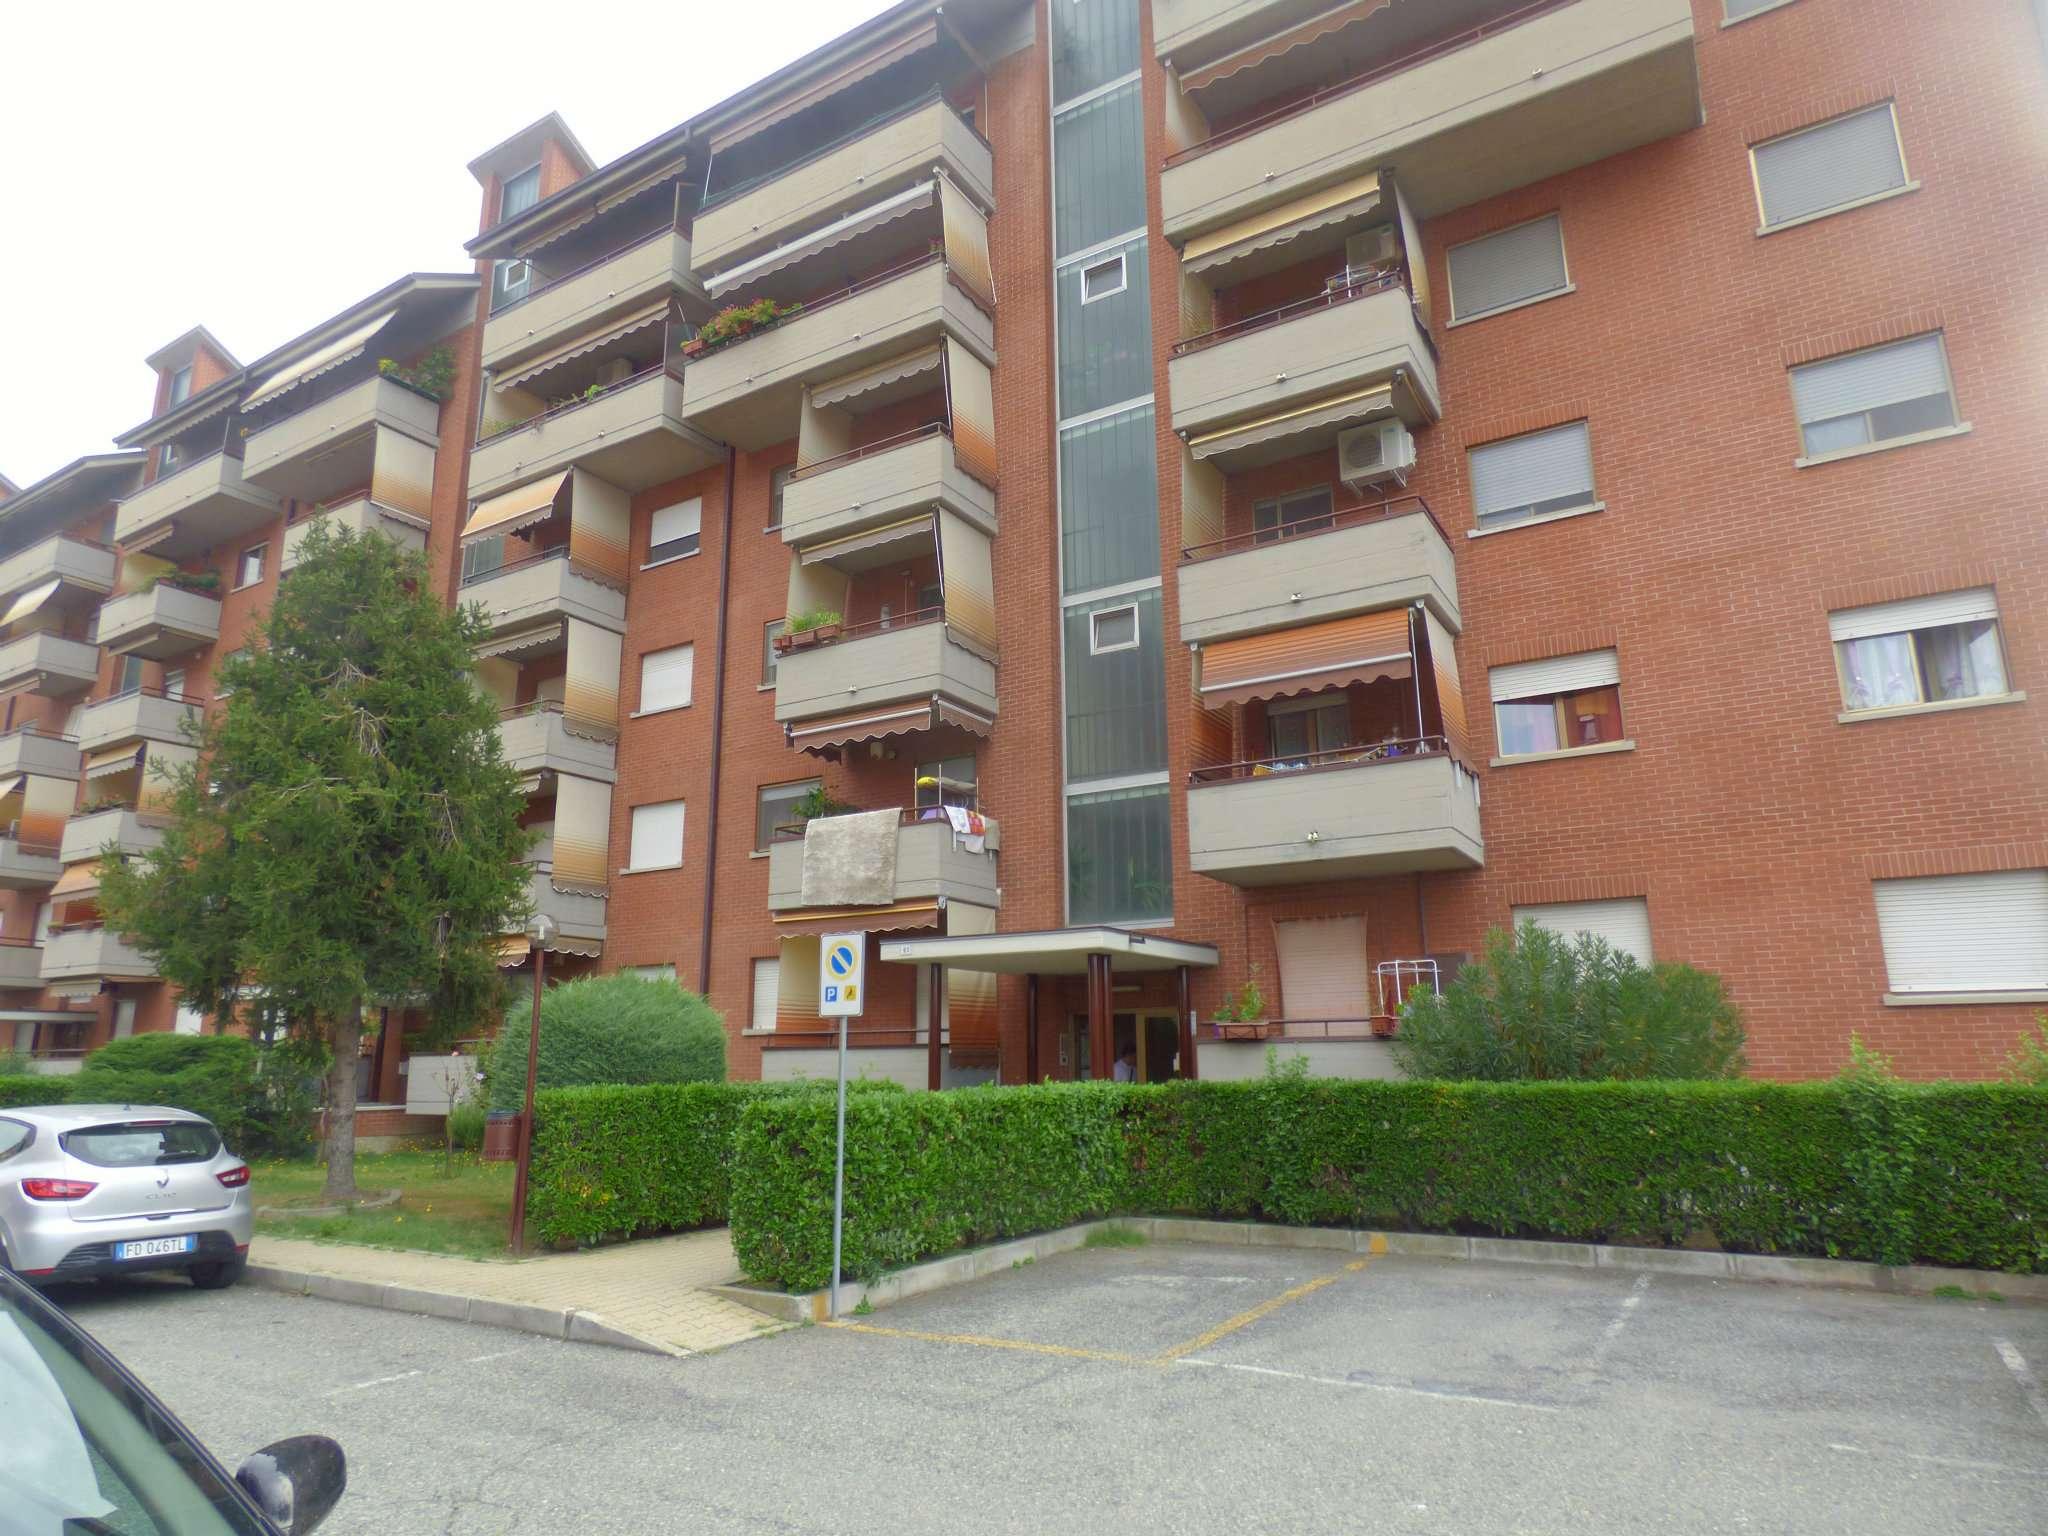 Appartamento in vendita a Borgaro Torinese, 3 locali, prezzo € 110.000 | CambioCasa.it